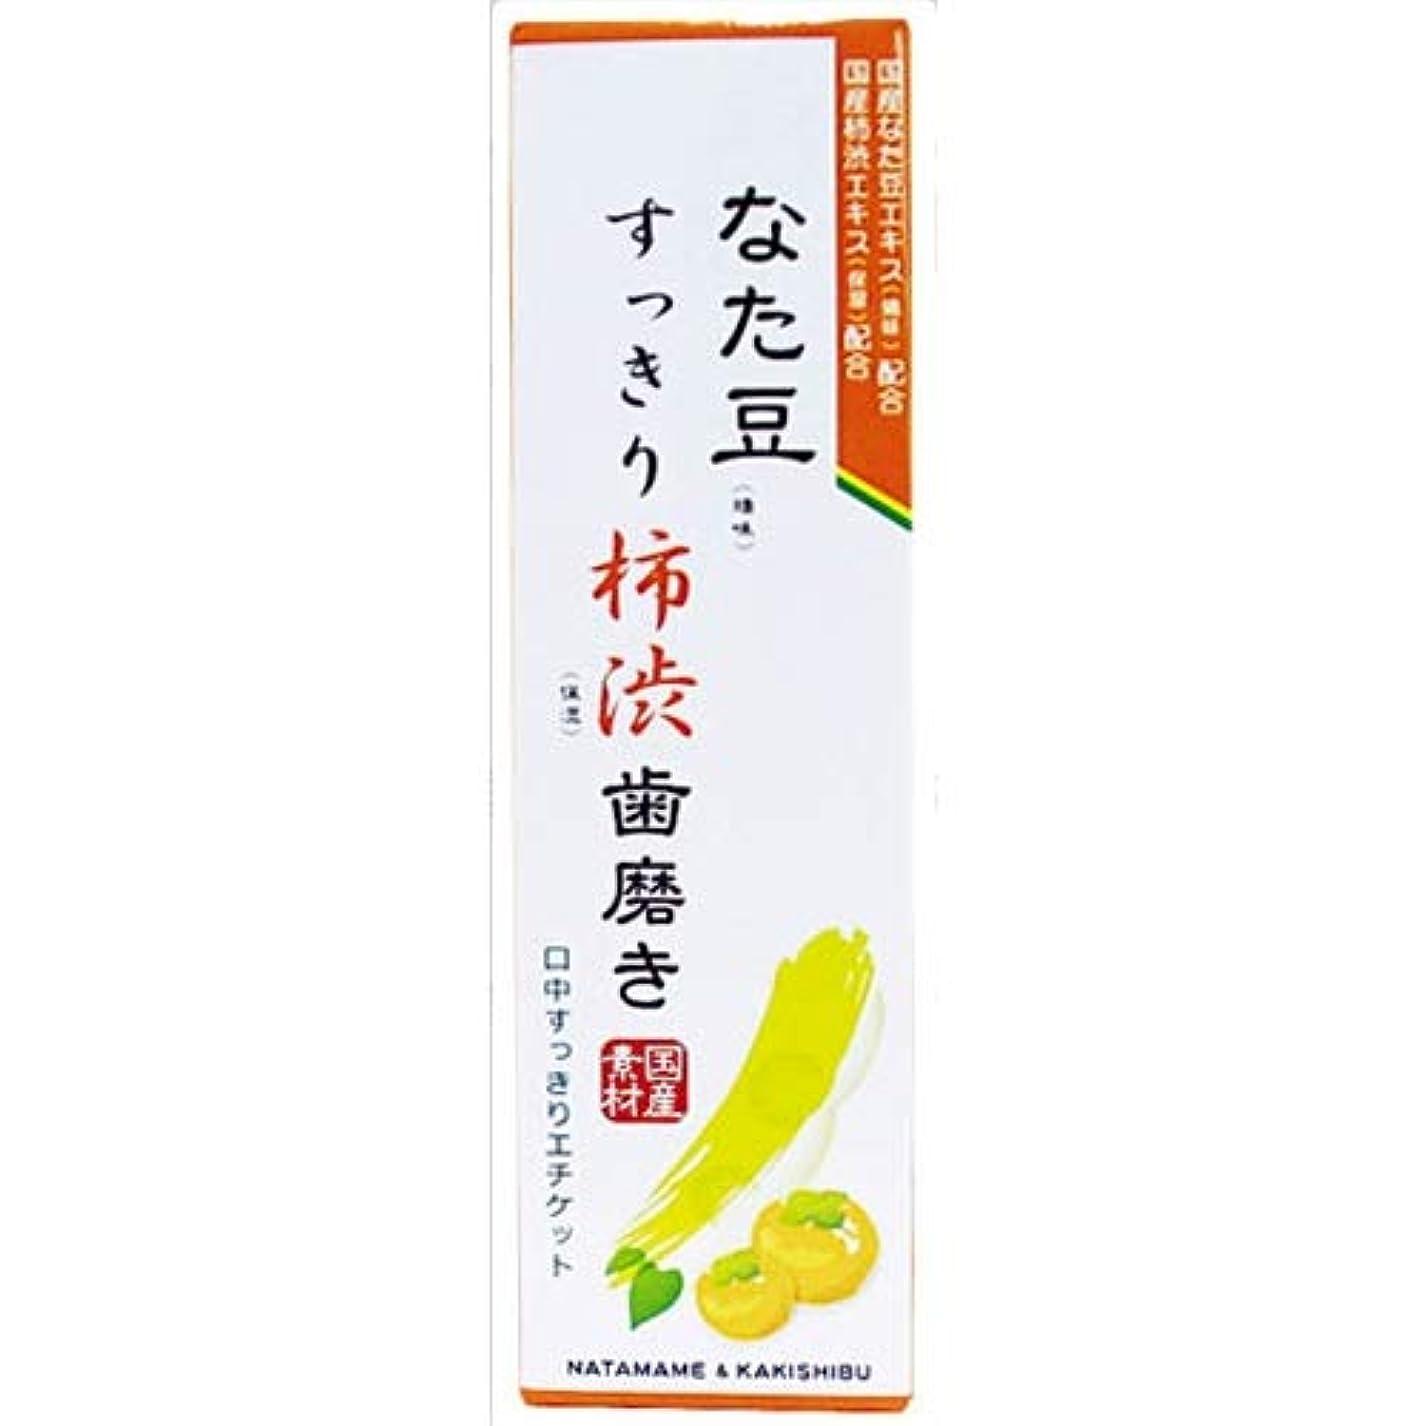 付添人苦しむ降ろすなた豆(矯味)すっきり柿渋(保湿)歯磨き粉 × 16個セット